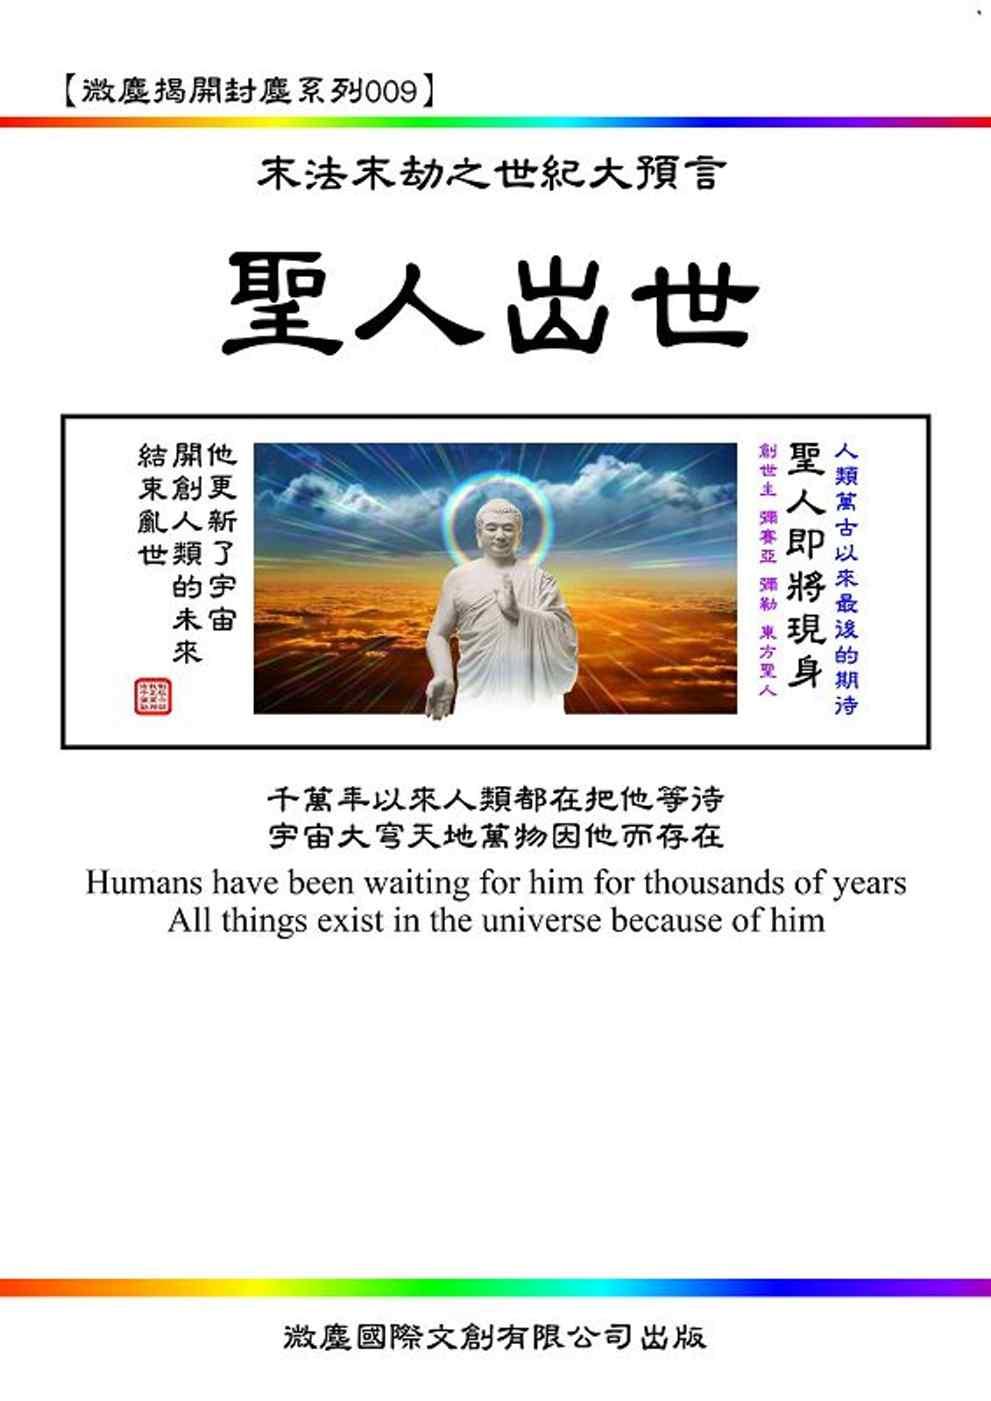 末法末劫之世紀大預言 聖人出世